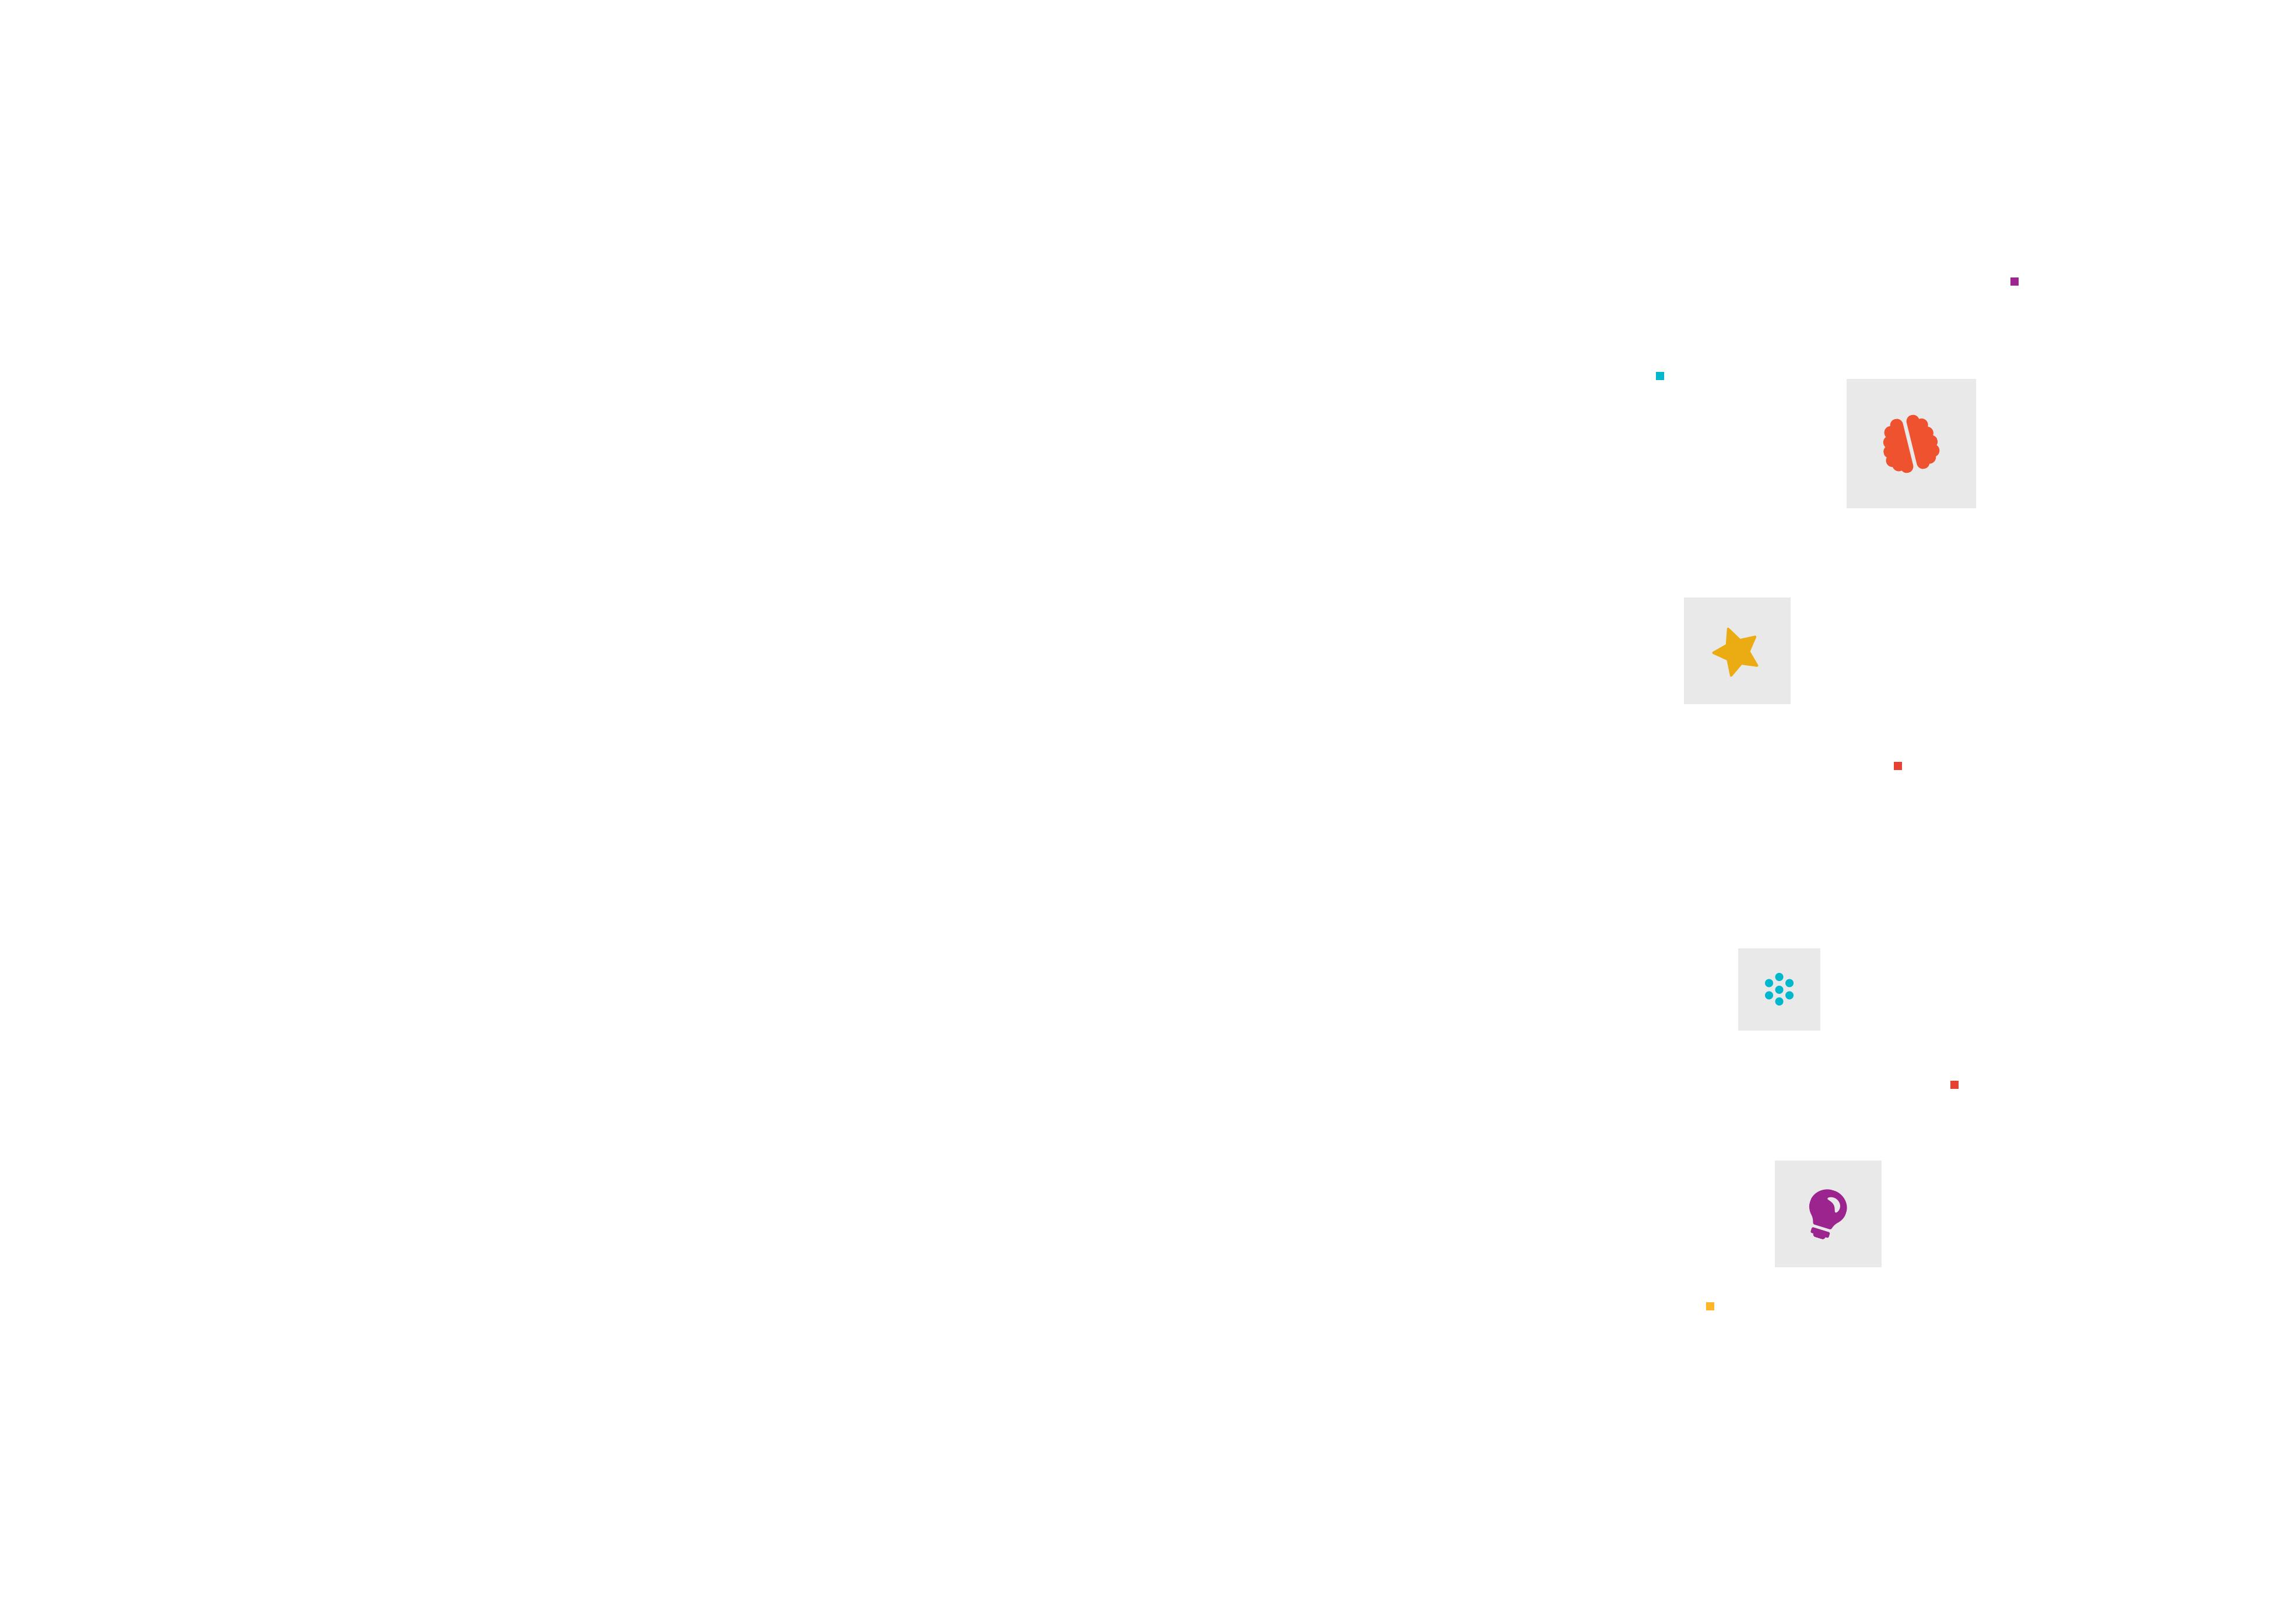 bg-i4-tool-circle-icons